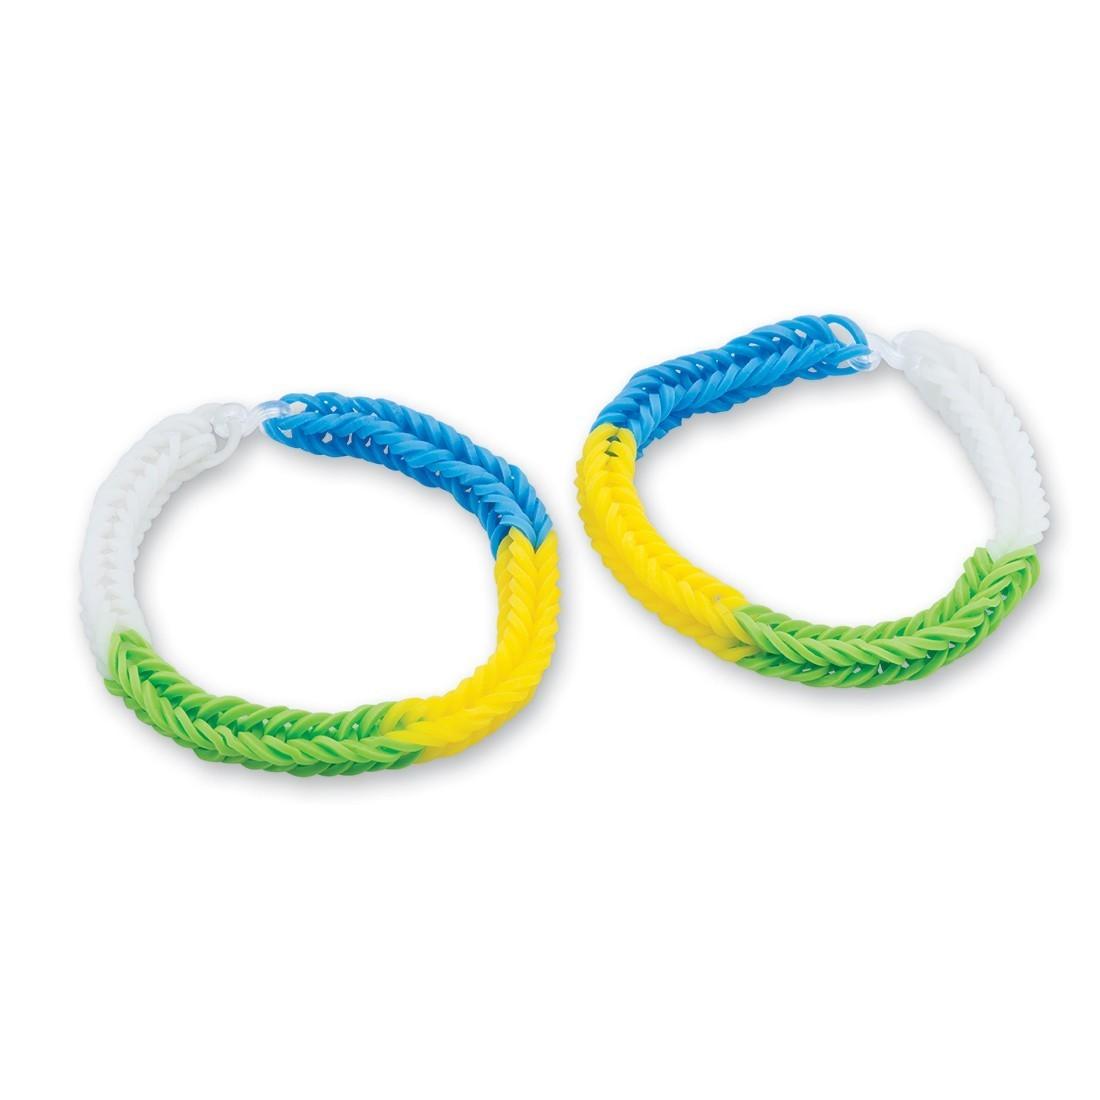 Rainbow Stretchy Band Bracelets [image]